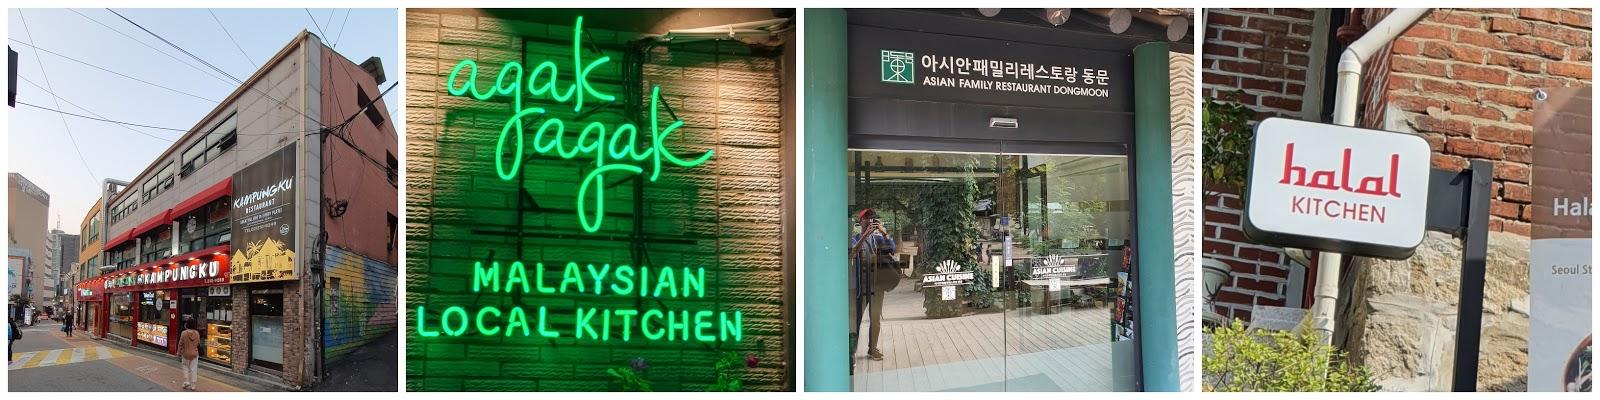 4 Restoran Halal Perlu Cuba Di Seoul, Korea.